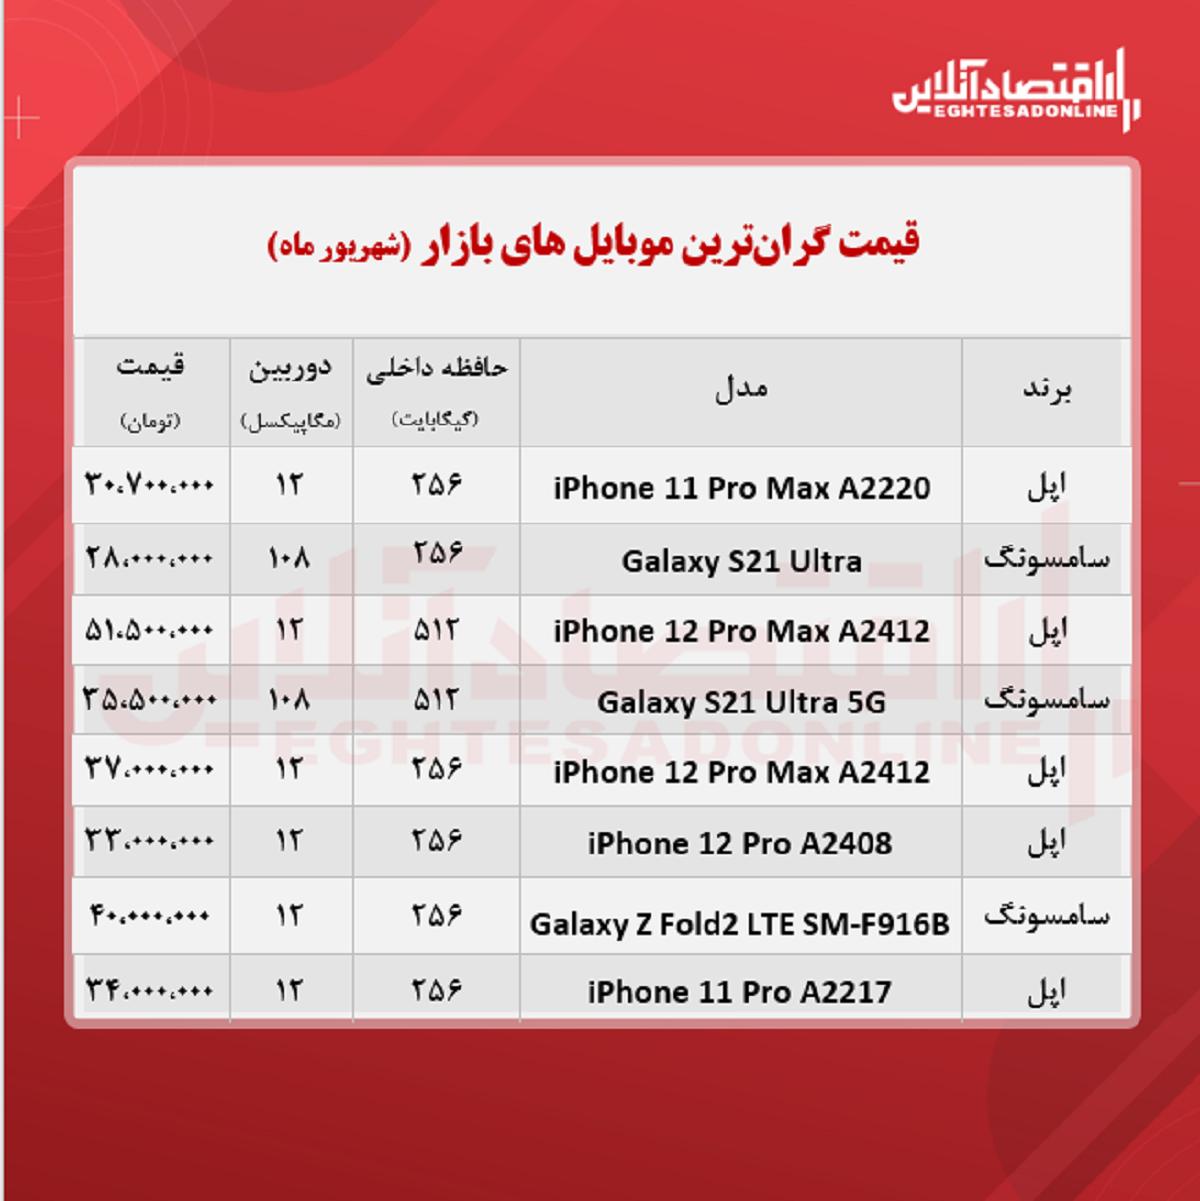 قیمت-گران-ترین-موبایل